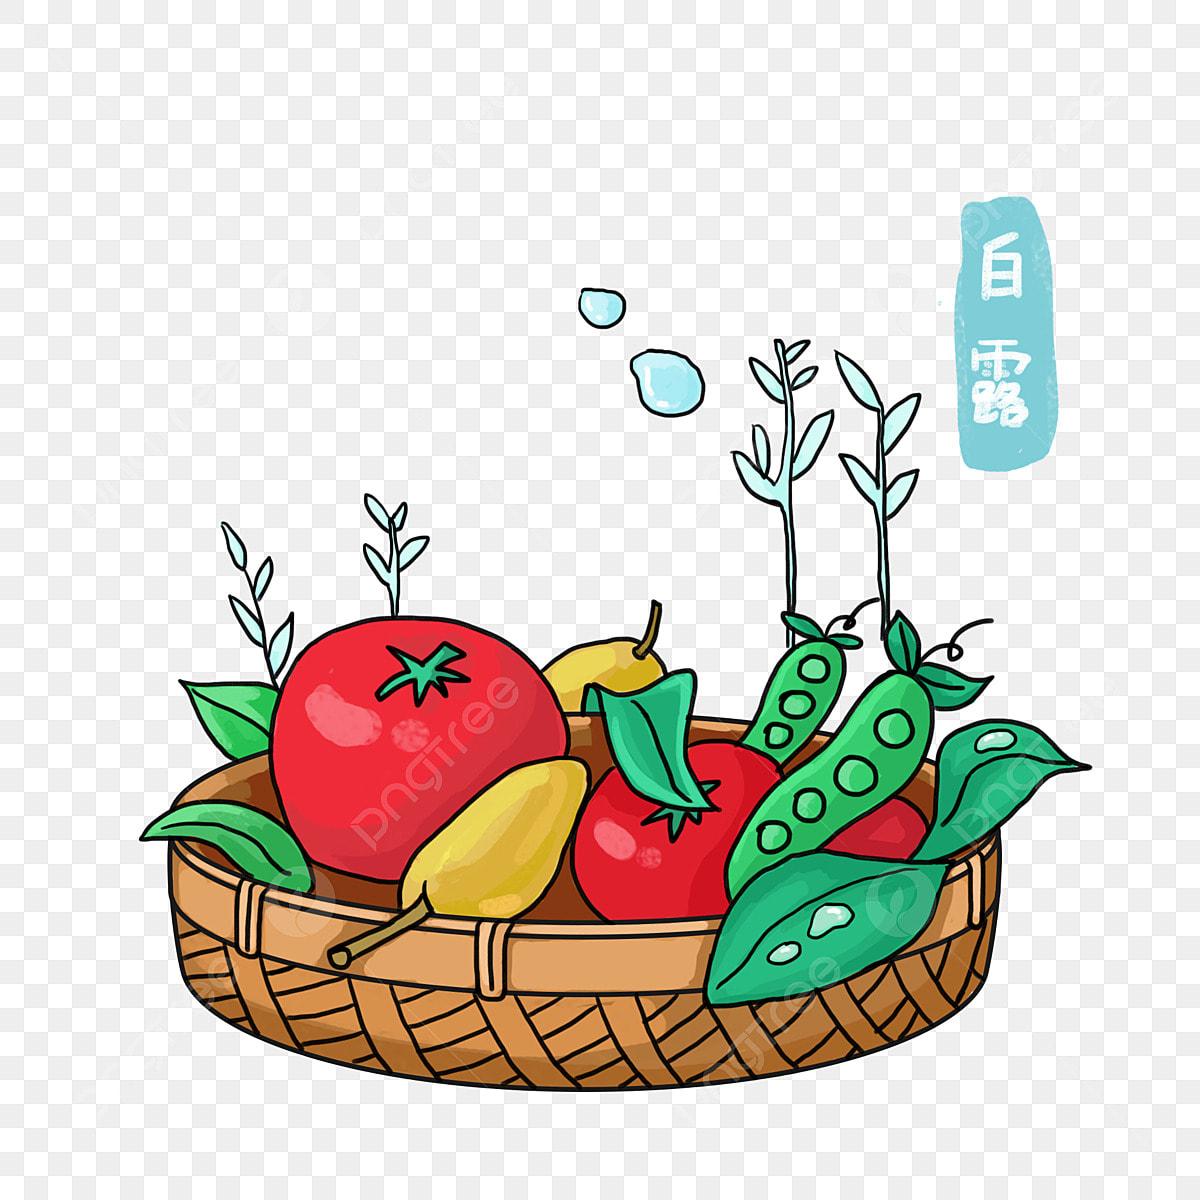 ندى أبيض الفاكهة كرتون الفواكه مرسومة باليد التوضيح داخل سلة ونسج سلة من الخيزران الخيزران سلال التوضيح الكرتون و بطيخ الخيزران سلال و بطيخ كرتون التوضيح داخل سلة الفواكه Png وملف Psd